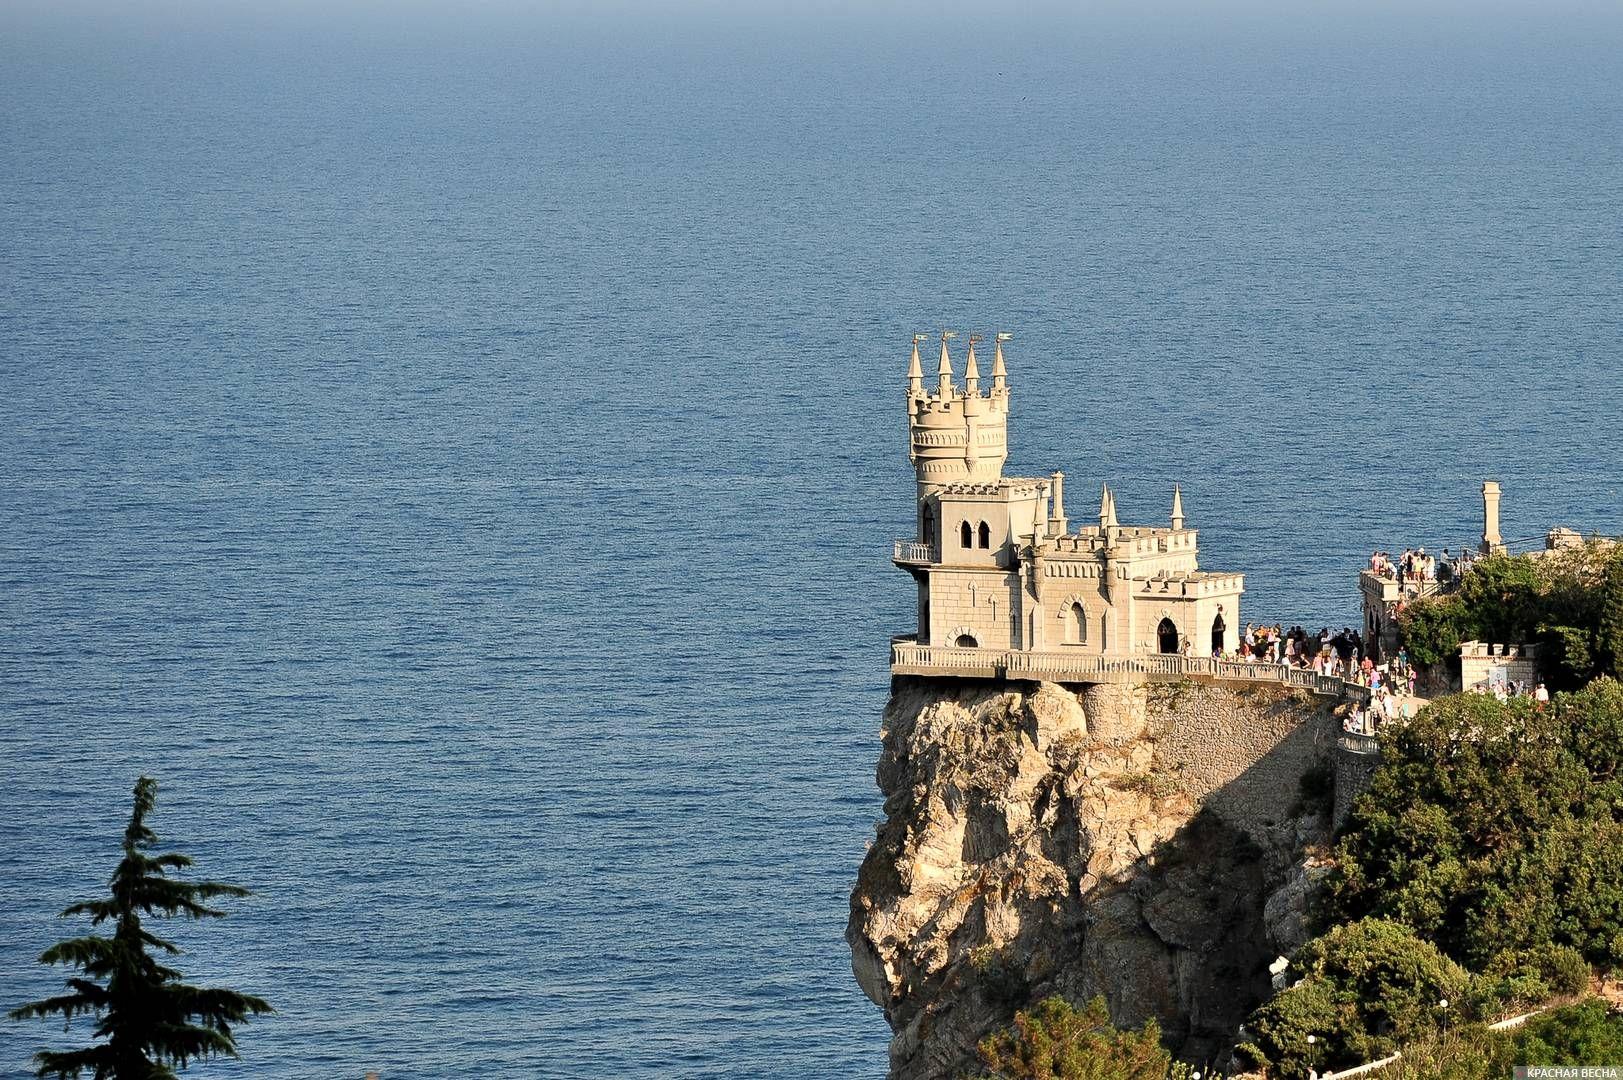 Замок Ласточкино гнездо. Крым